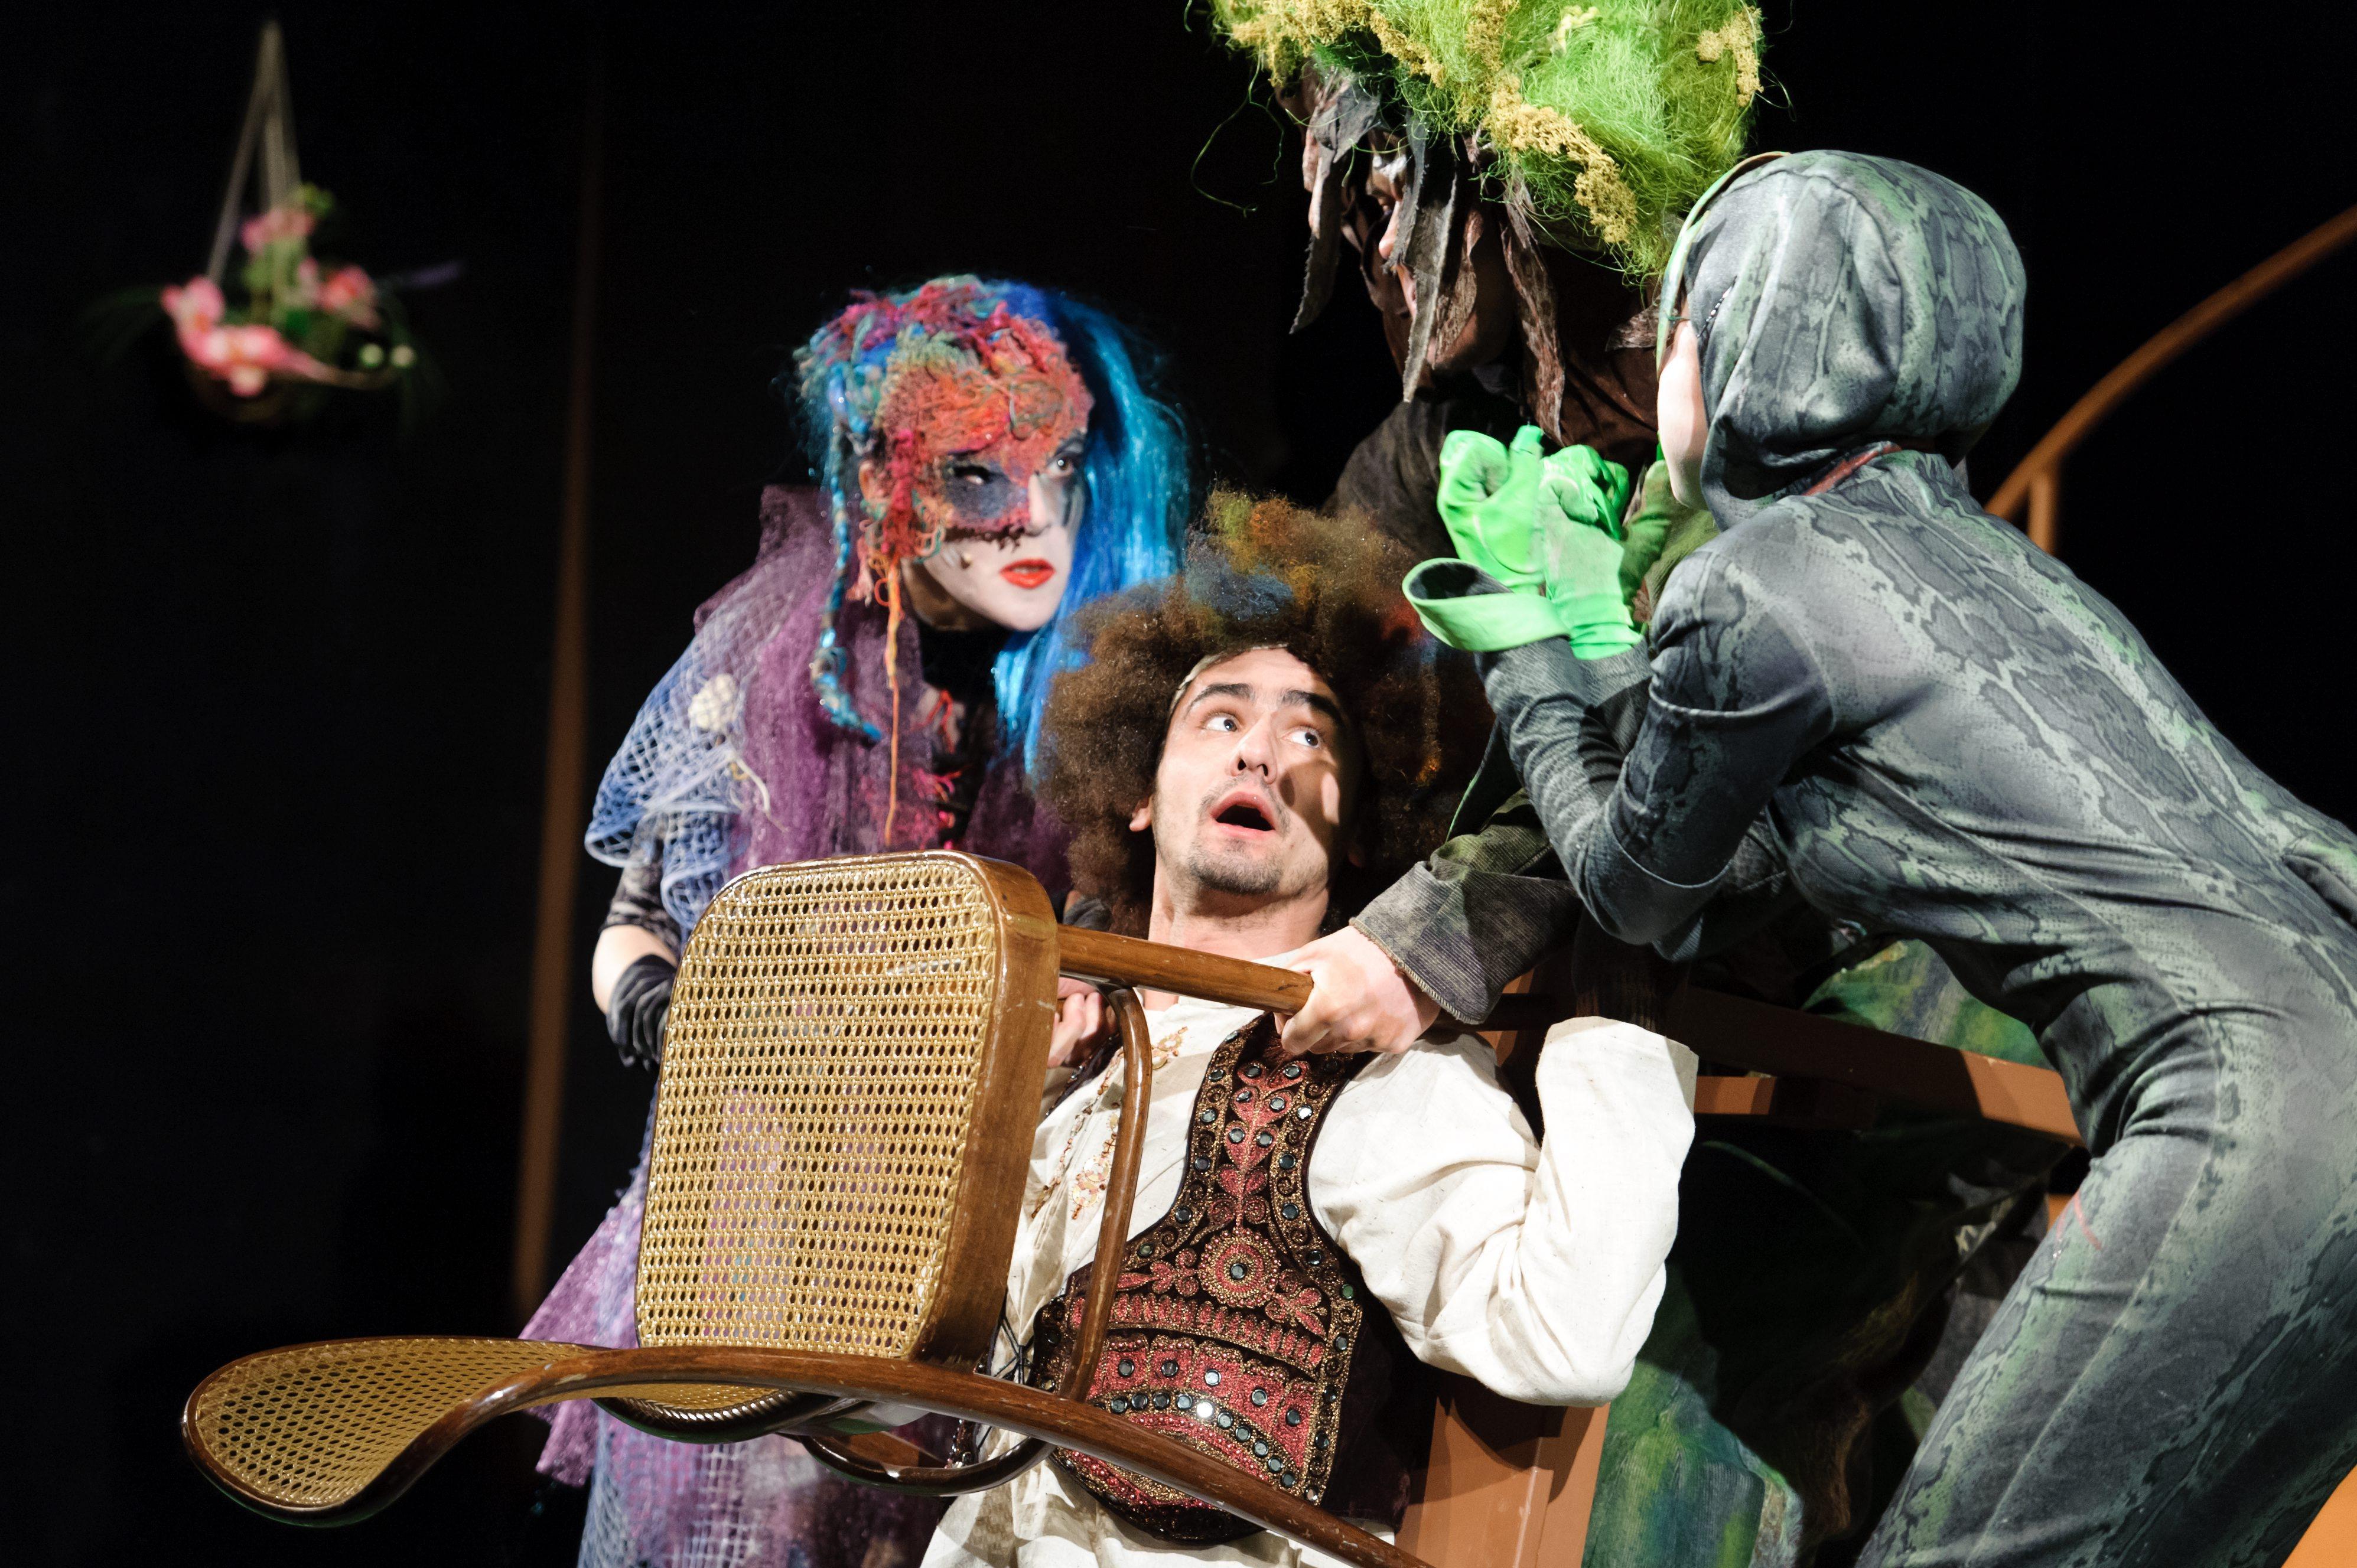 MTI/Komka Péter.-Gergő és az álomfogó című zenés mesejáték főpróbája a kassai Thália Színházban 2012-ben